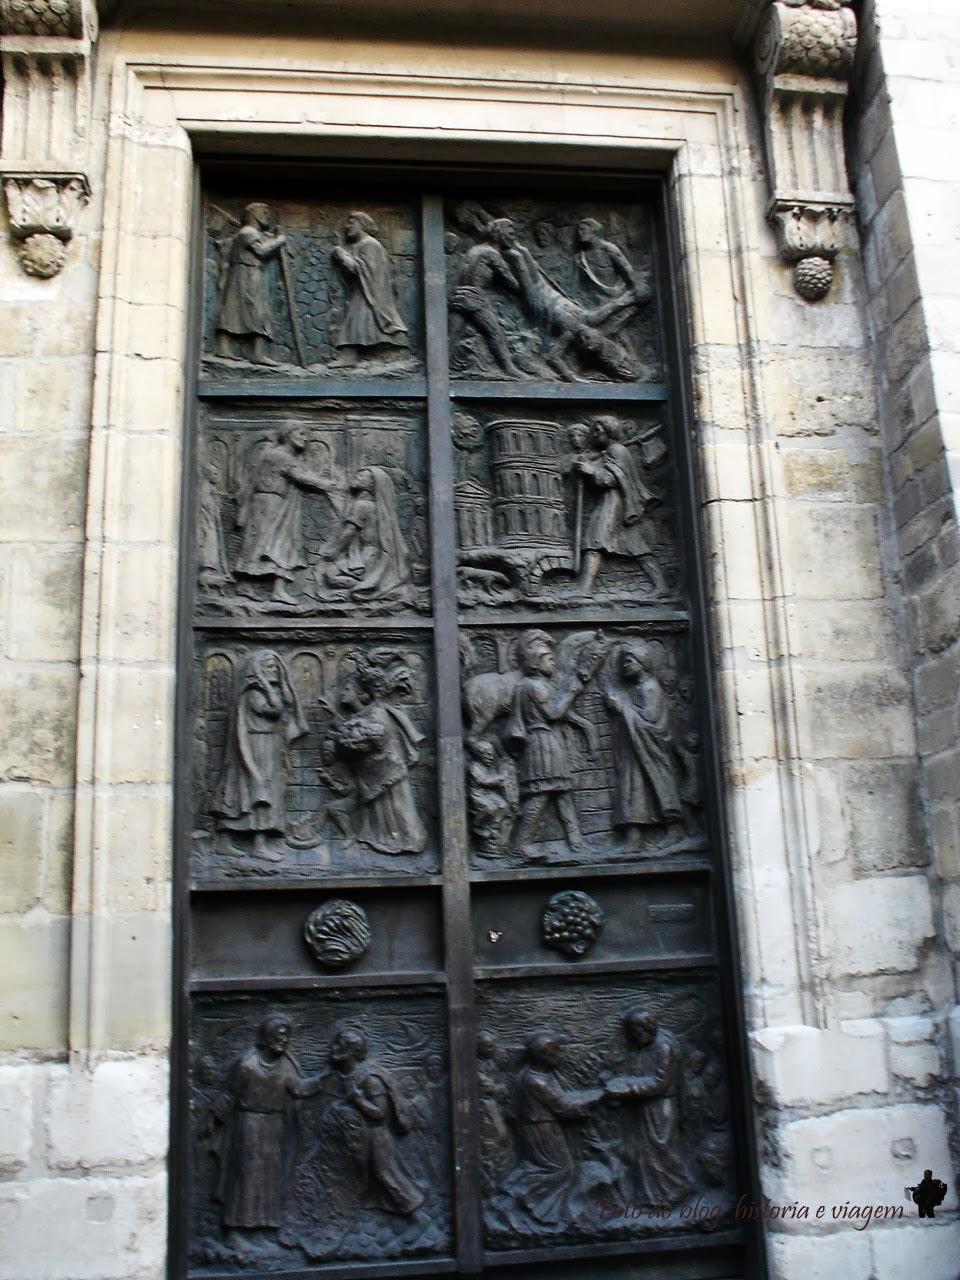 Eglise de Saint-Pierre de Montmartre - Paris